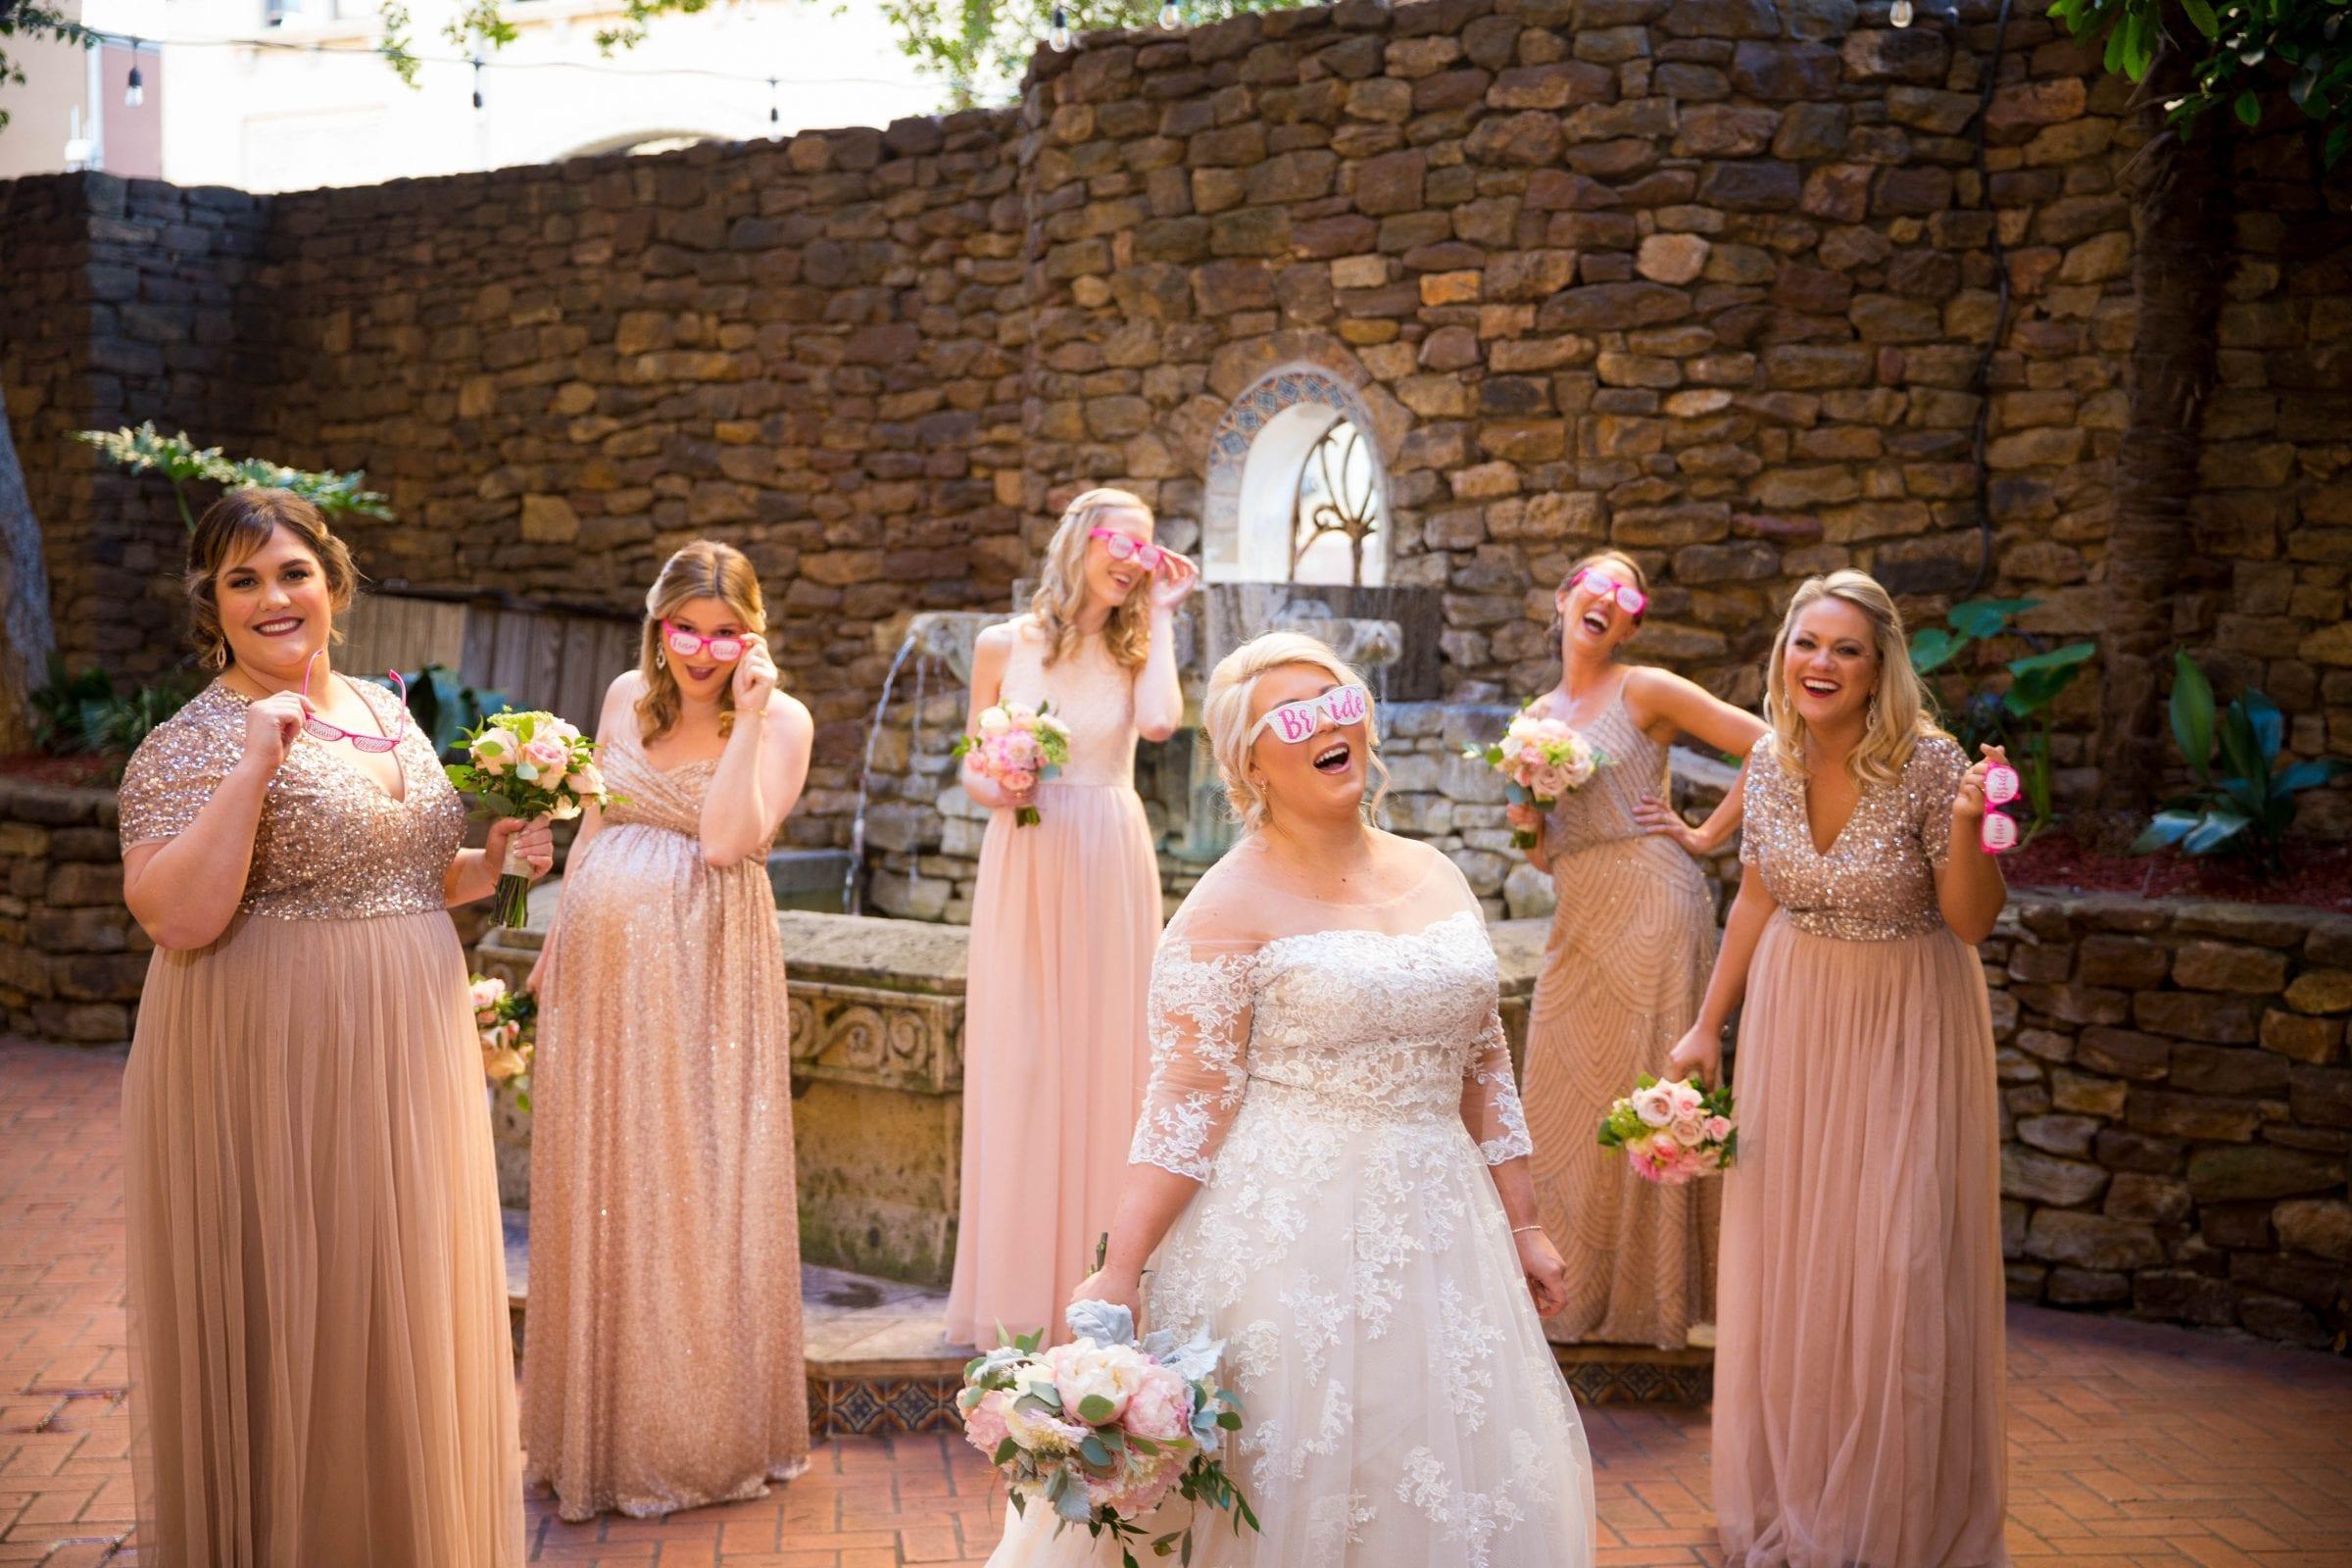 Crawford wedding Omni Del Mansion riverwalk bridesmaids laughing